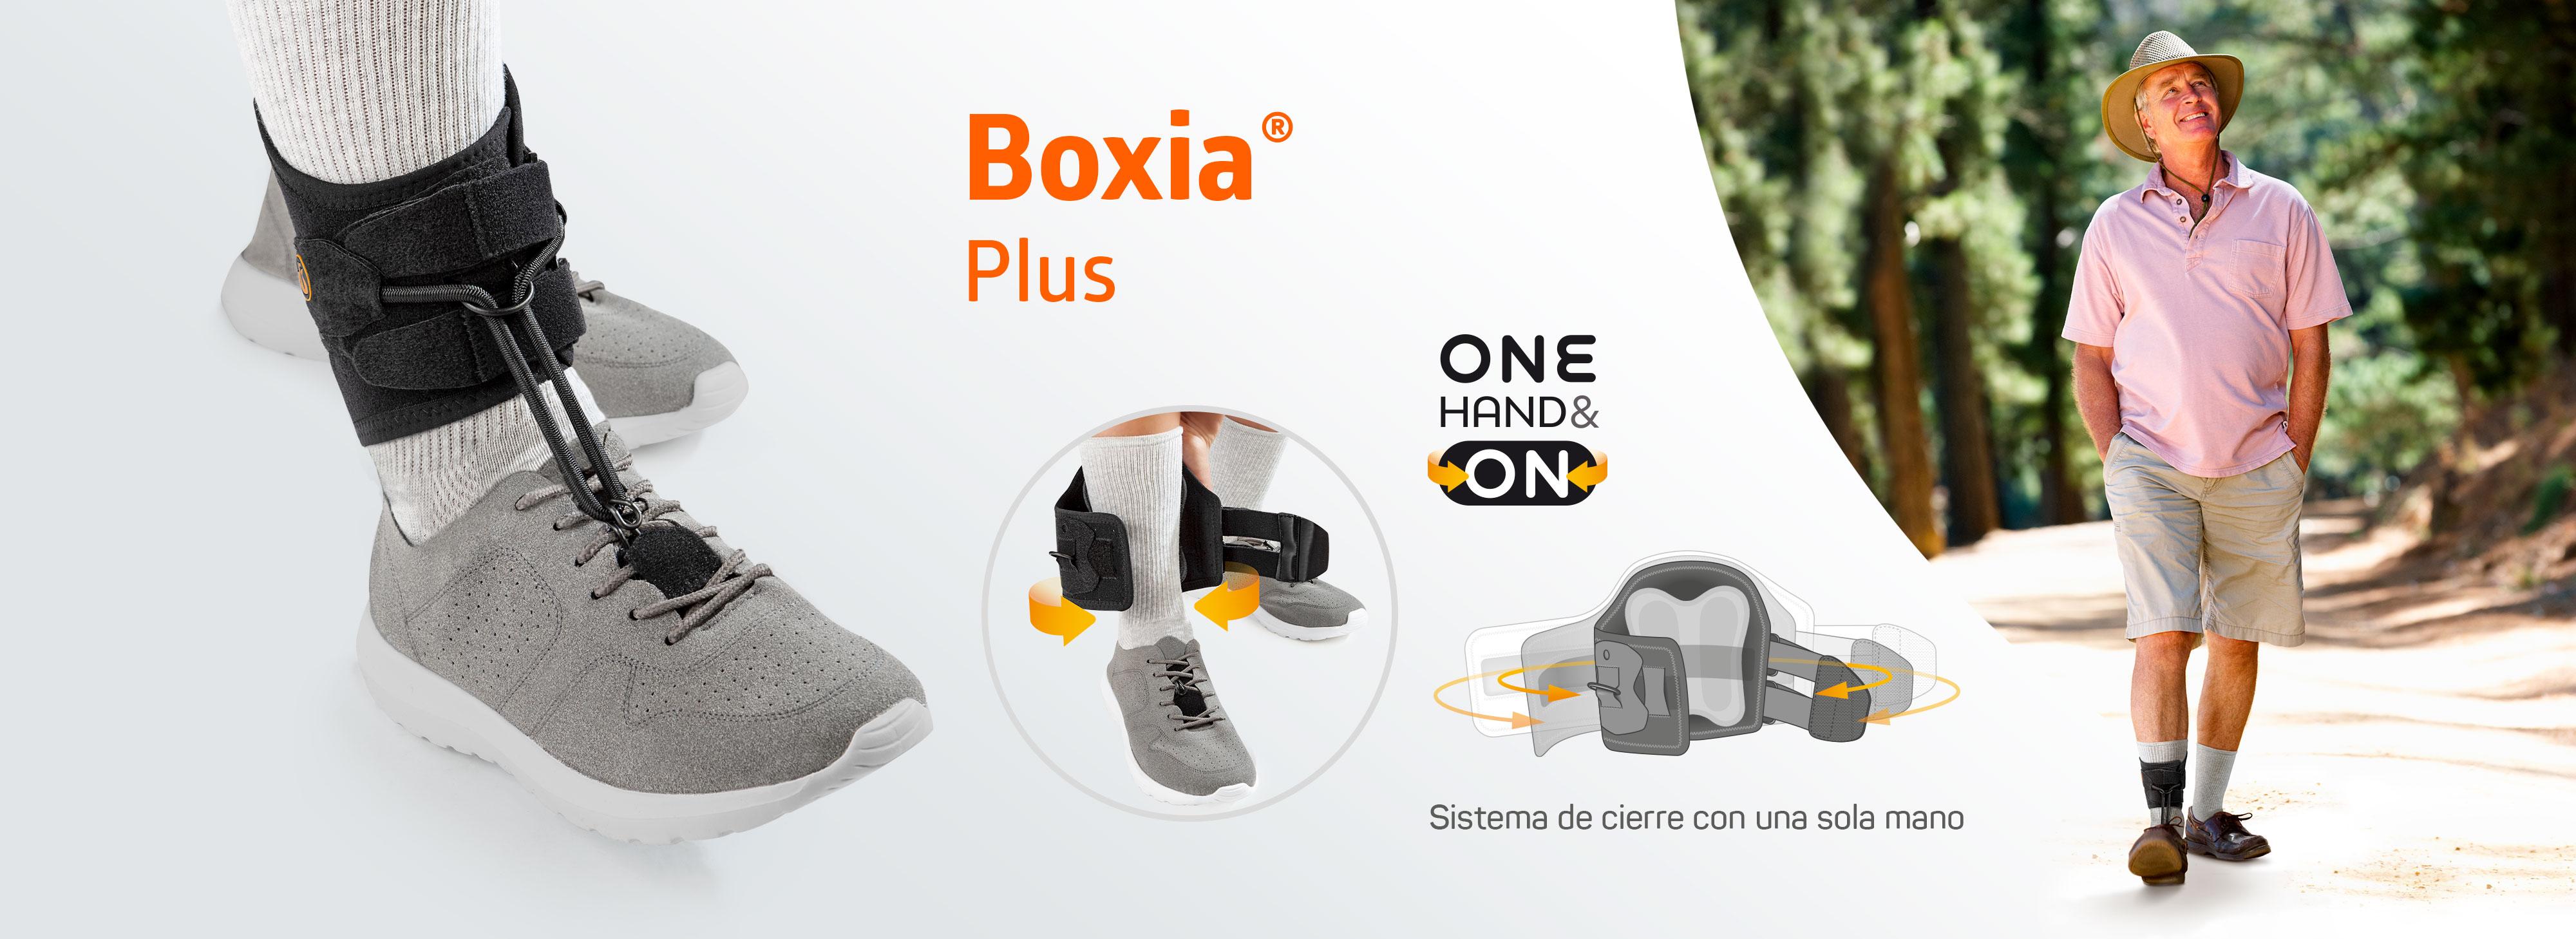 Boxia Plus